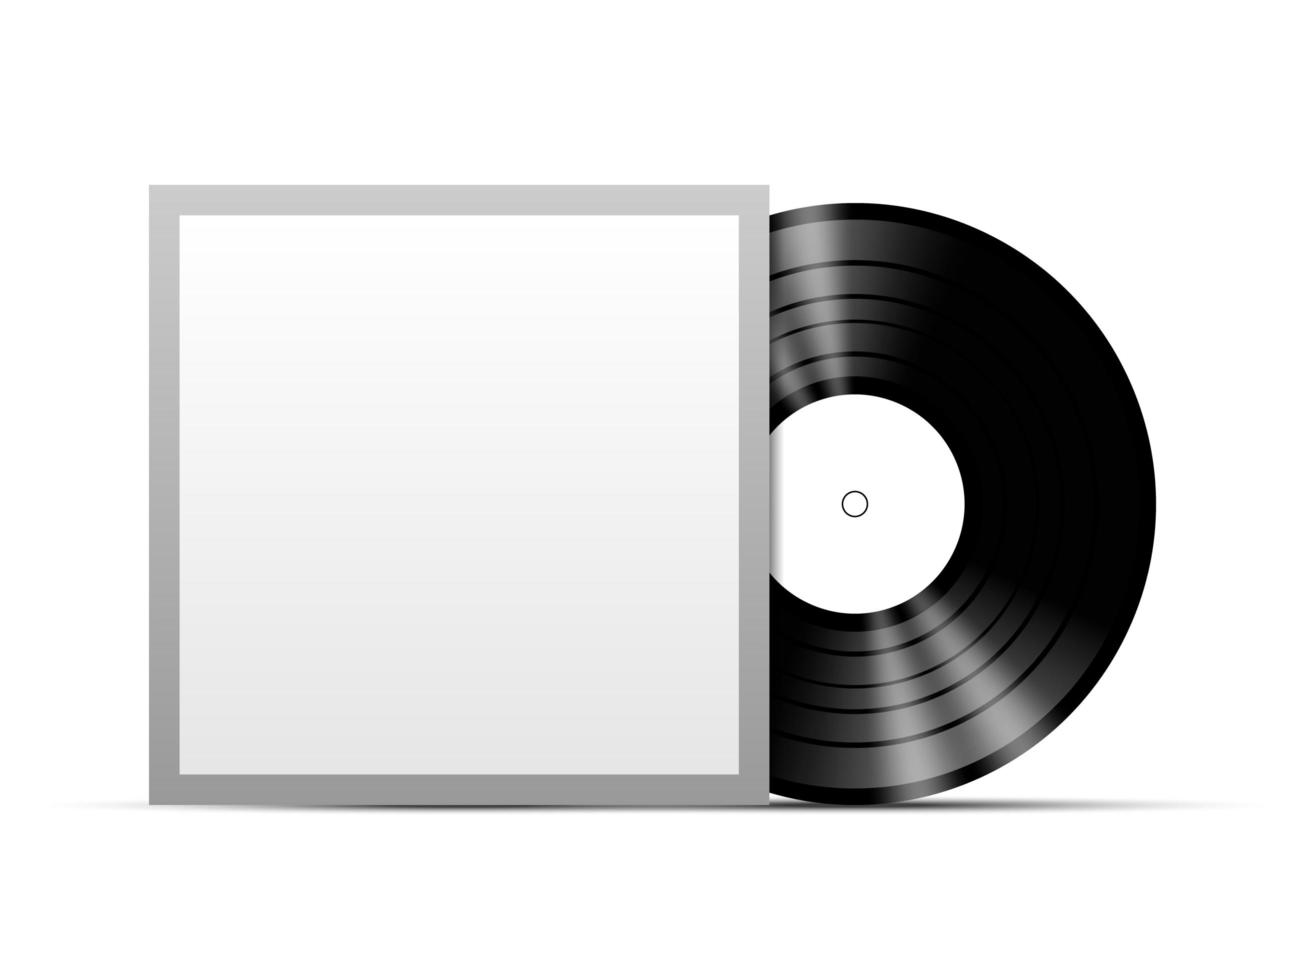 disque vinyle avec couverture vierge vecteur